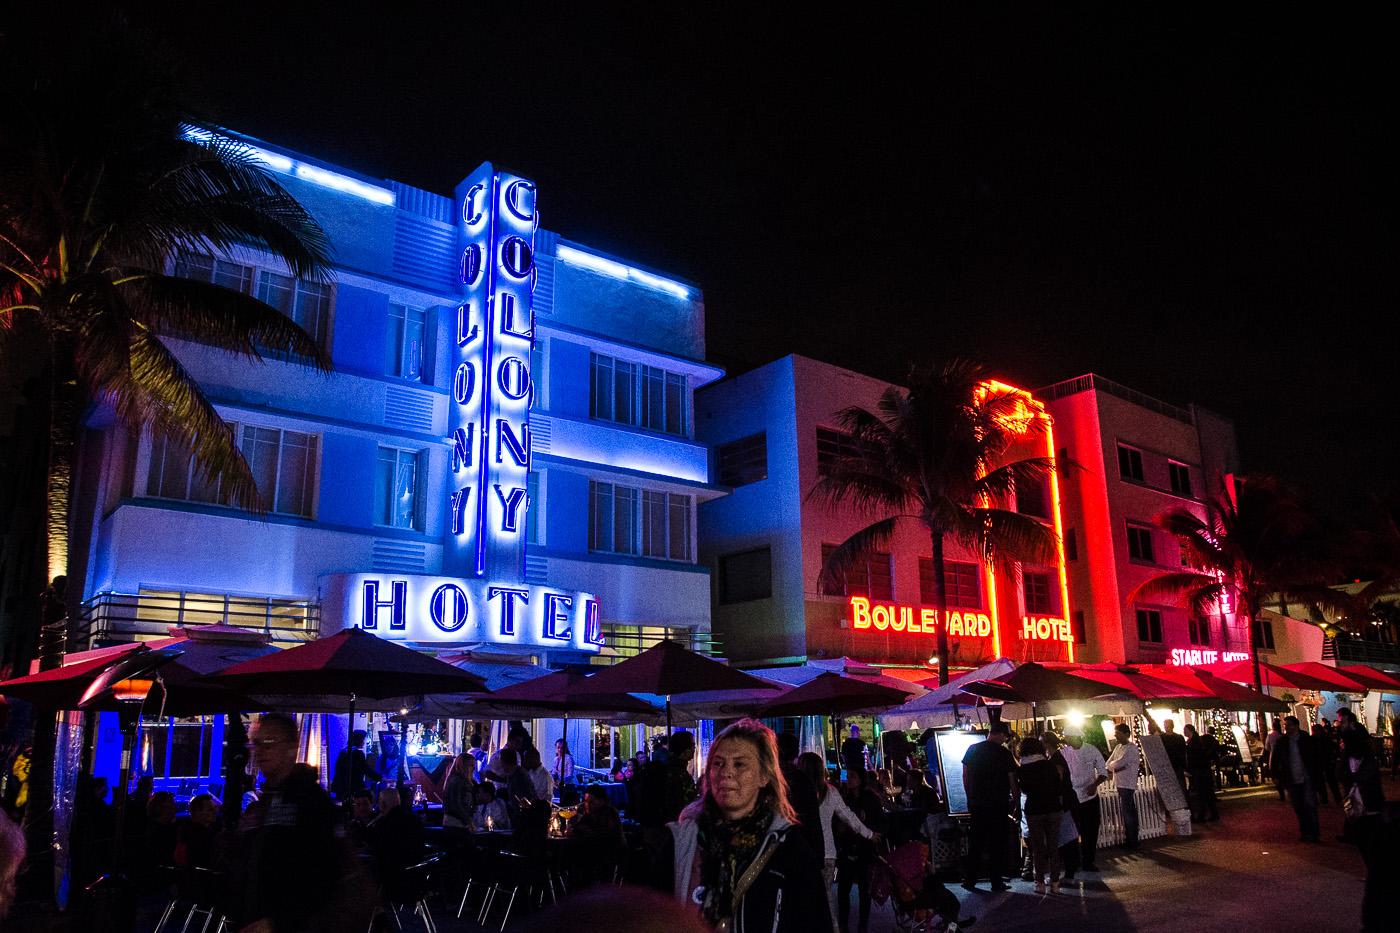 Hotels-68542